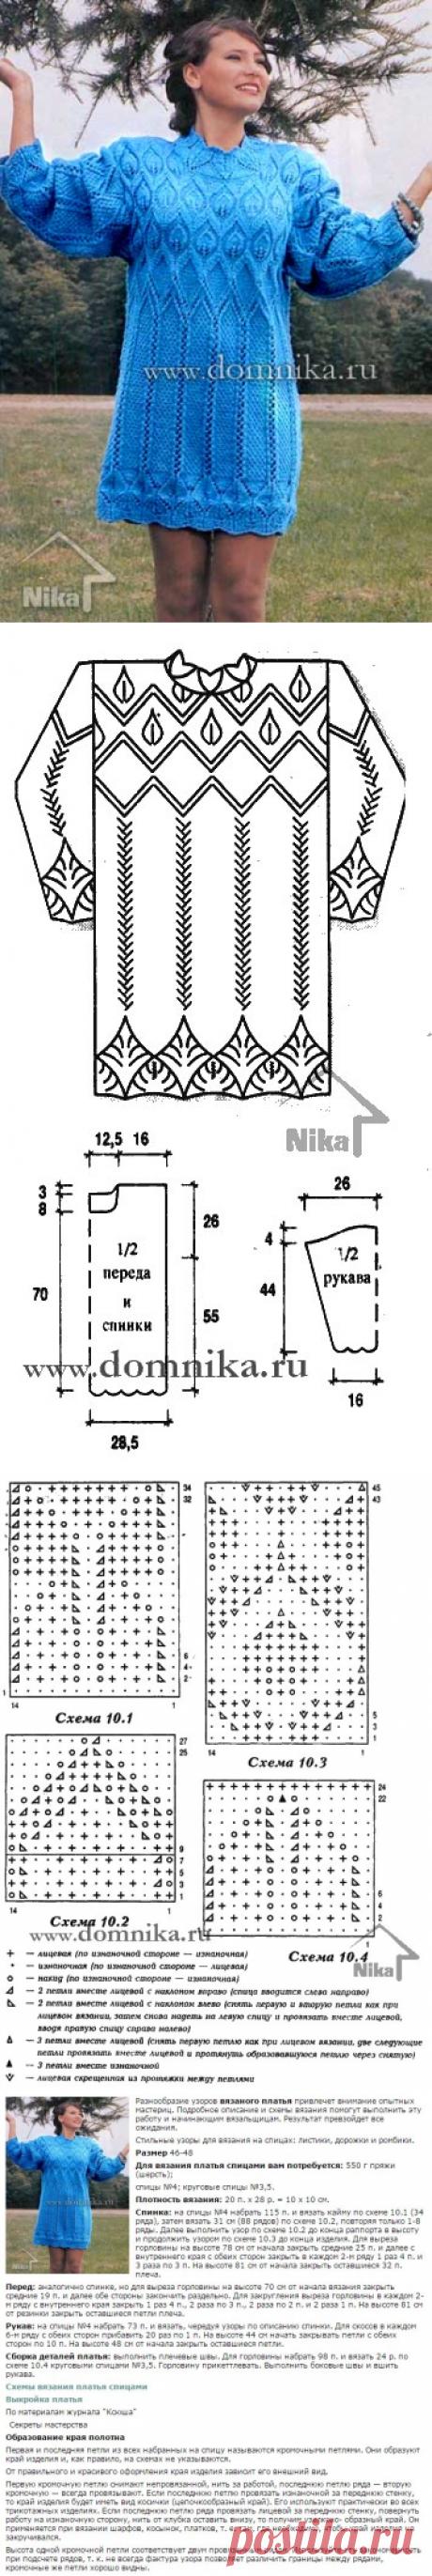 Тёплое узорчатое платье-туника